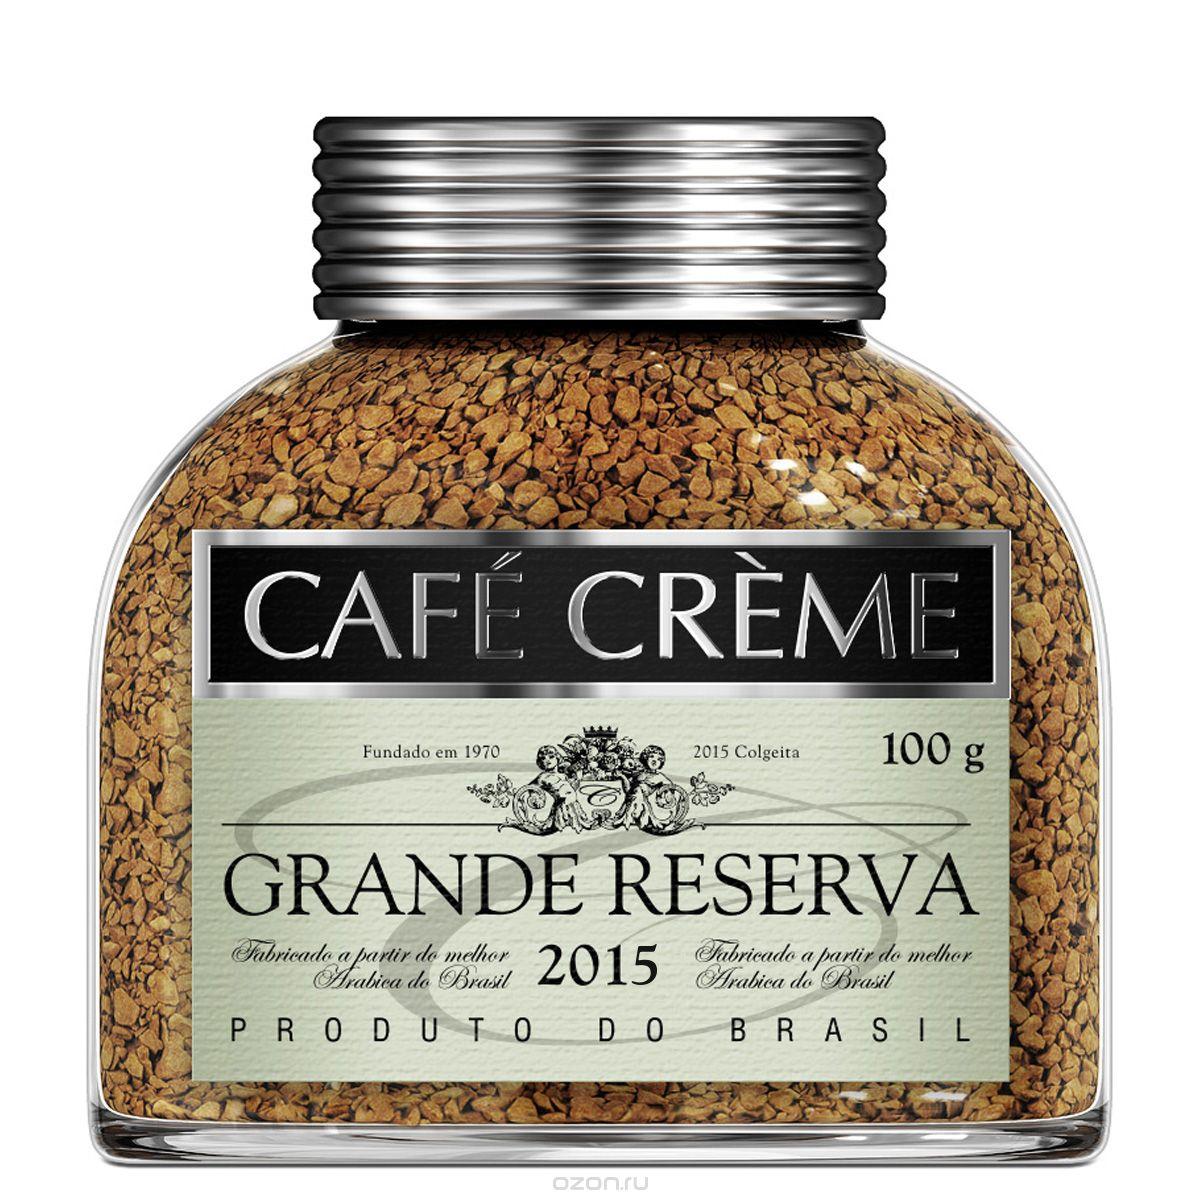 Cafe Creme Grande Reserva кофе растворимый, 100 г0120710Cafe Creme Grande Reserva - это кофе, созданный из зерен высочайшего качества, который обладает прекрасным кремовым, густым и бархатным вкусом и имеет насыщенный, интенсивный аромат. Зарезервируйте свою баночку, чтобы сохранить в памяти настоящий зажигательный бразильский кофе, рождённый уникальными погодными условиями.Уважаемые клиенты! Обращаем ваше внимание на то, что упаковка может иметь несколько видов дизайна. Поставка осуществляется в зависимости от наличия на складе.